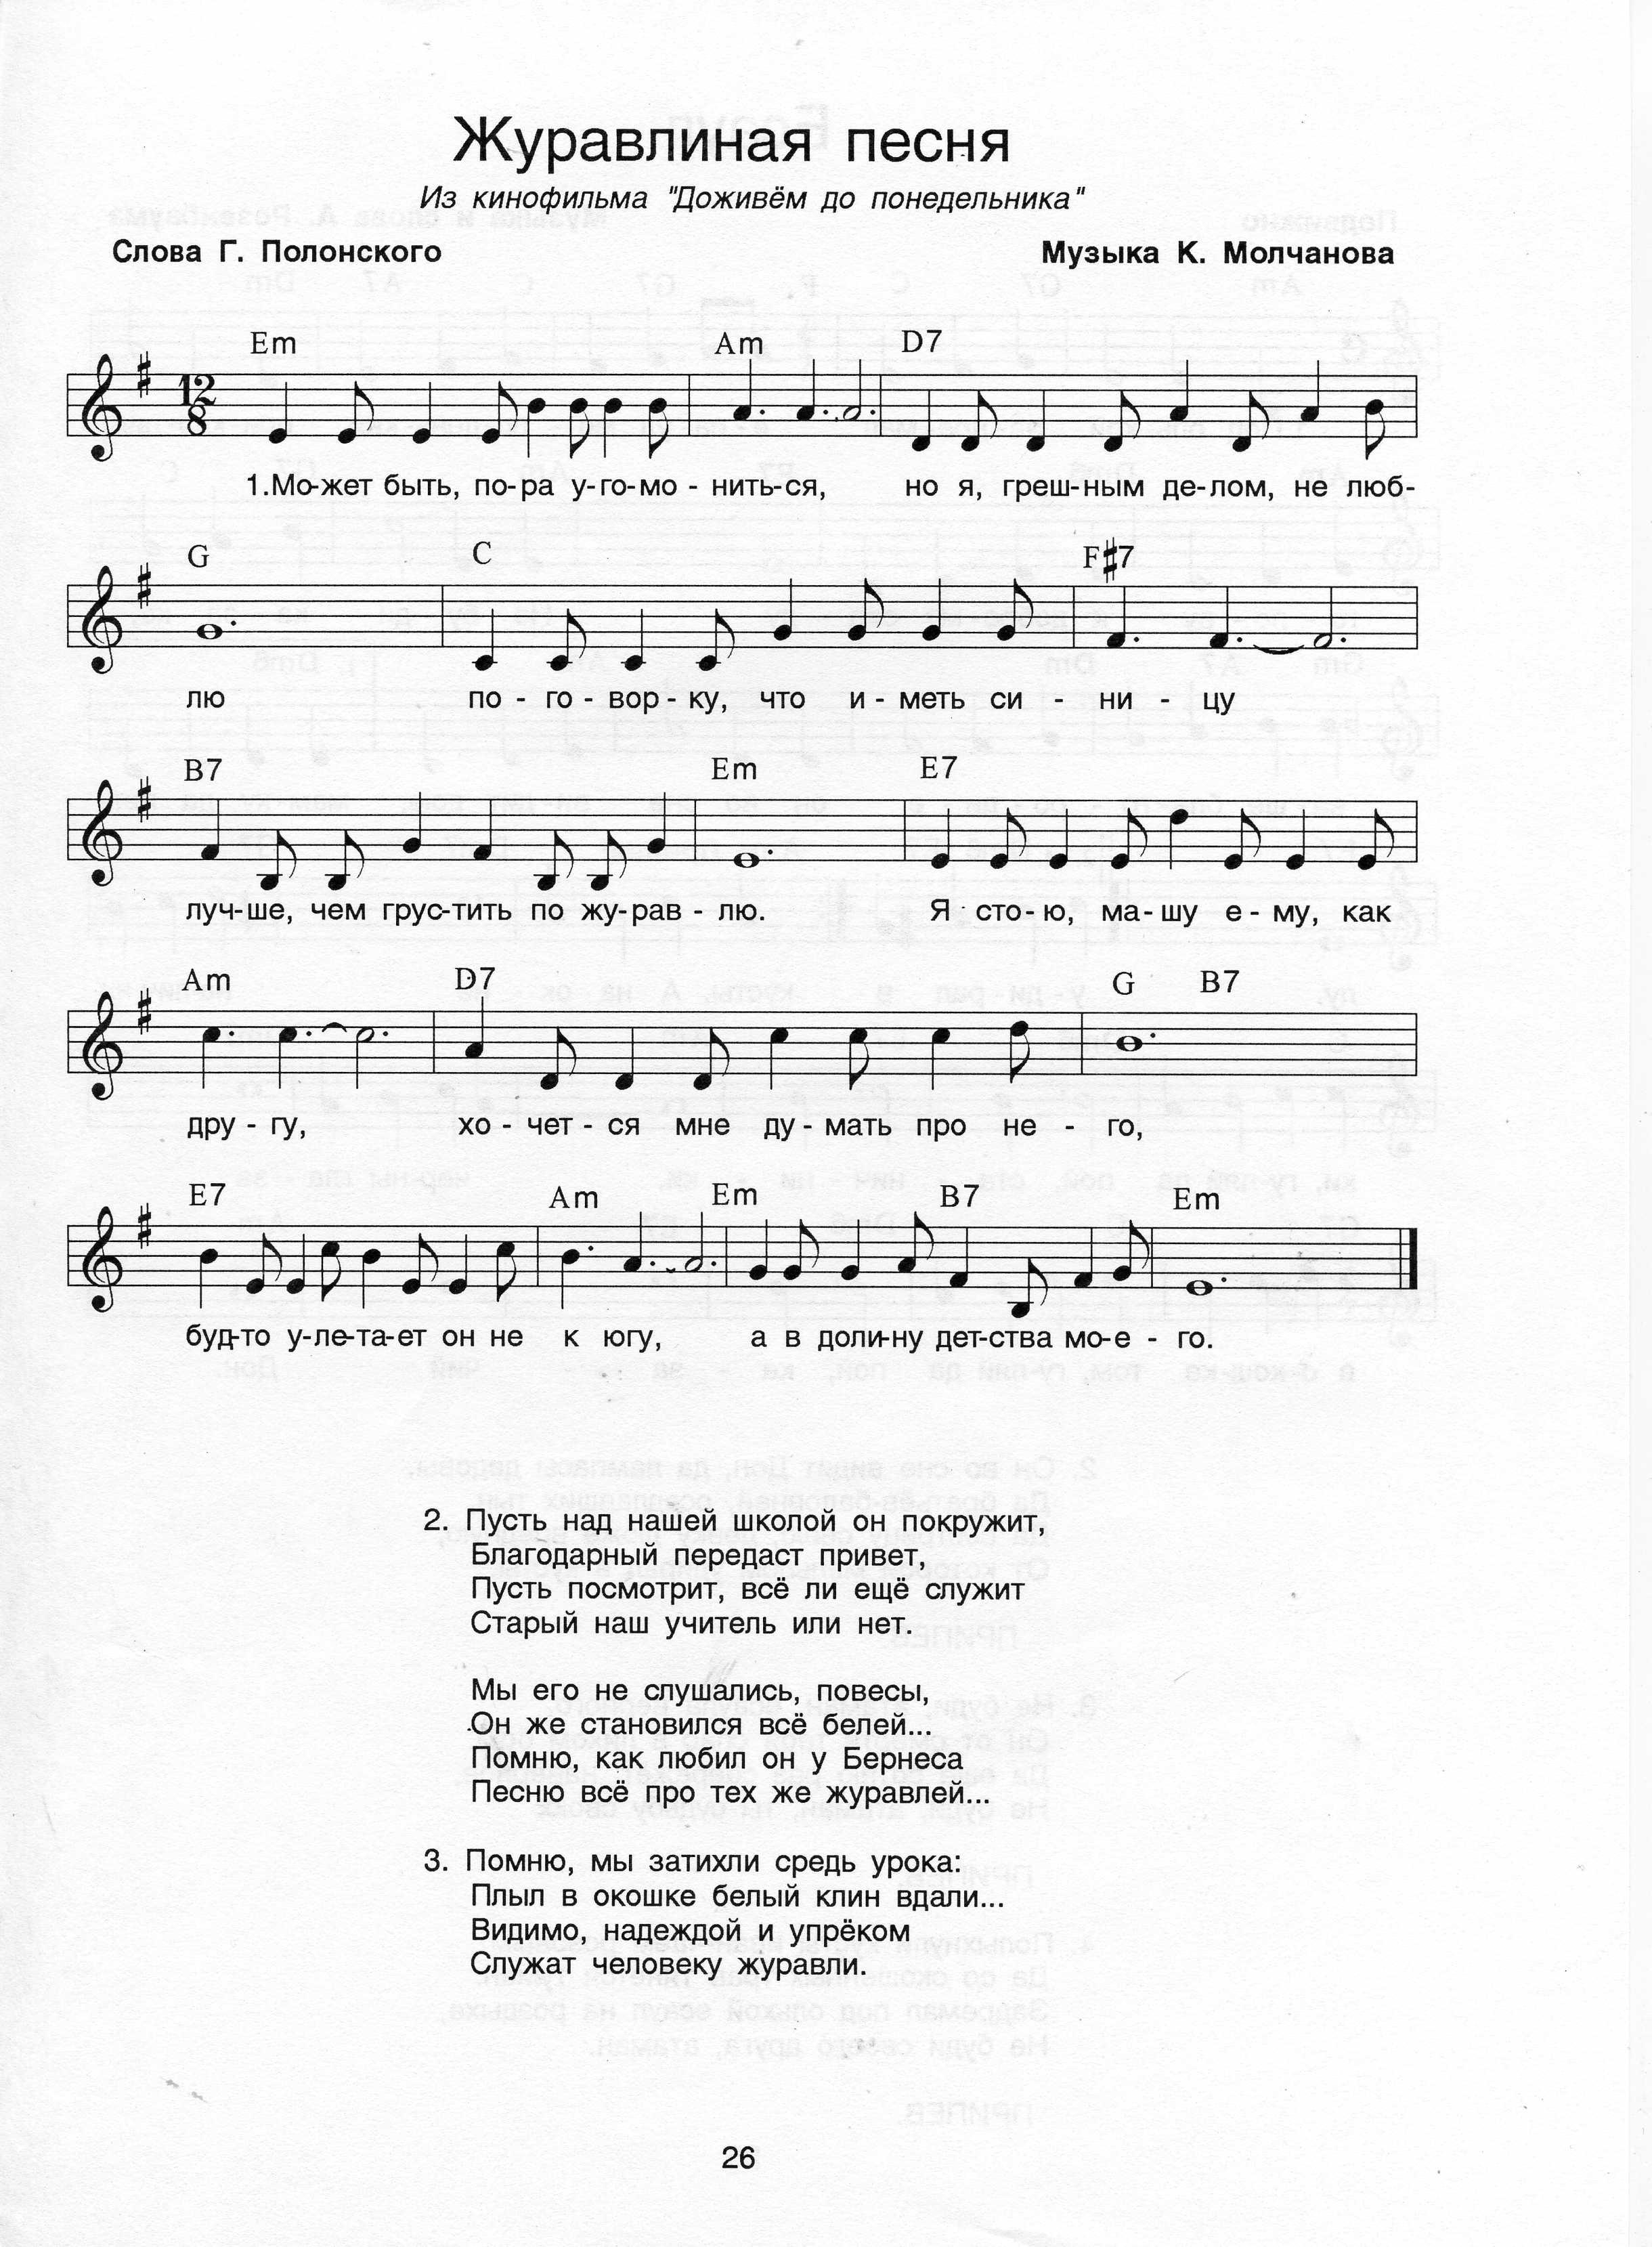 ЖУРАВЛИНАЯ ПЕСНЯ МУЗЫКА МОЛЧАНОВА СКАЧАТЬ БЕСПЛАТНО